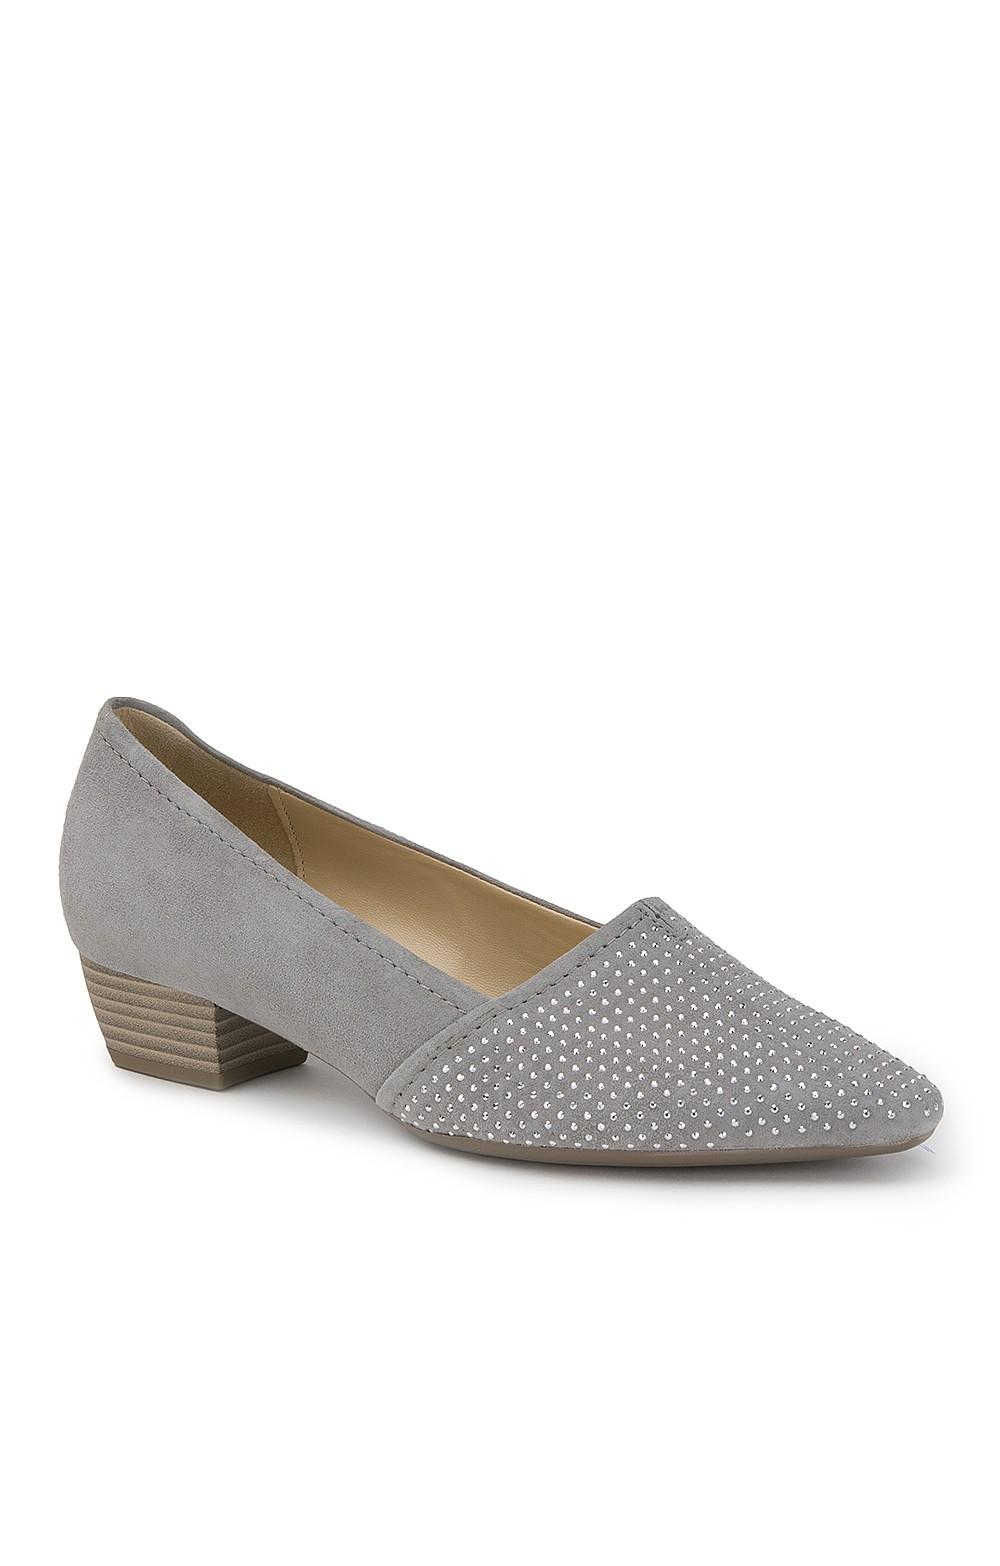 187222e0a802e Gabor Sequin Toe Shoe | Ladies Suede Shoes | House Of Bruar